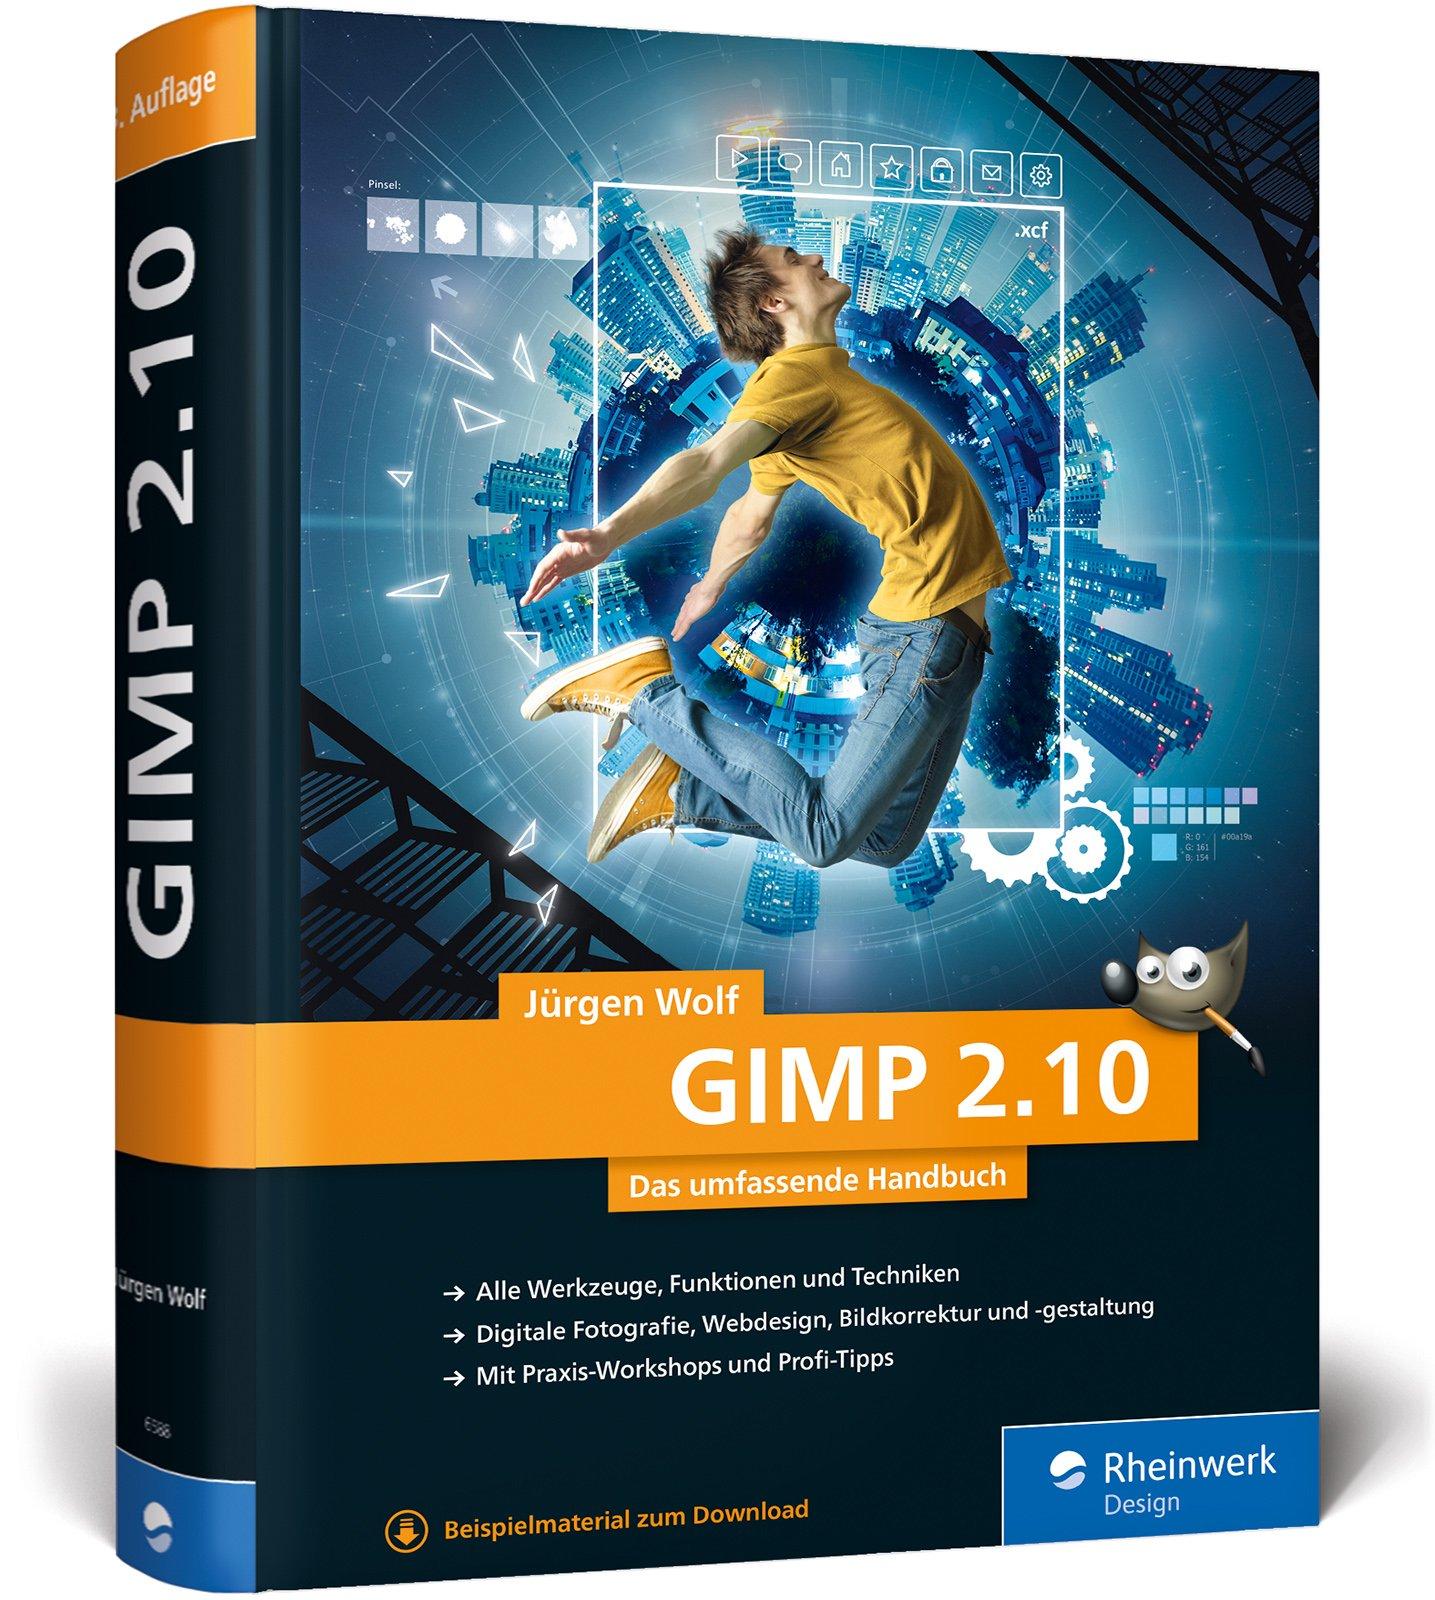 GIMP 2.10: Das umfassende Handbuch Gebundenes Buch – 25. Januar 2019 Jürgen Wolf Rheinwerk Design 3836265885 Anwendungs-Software